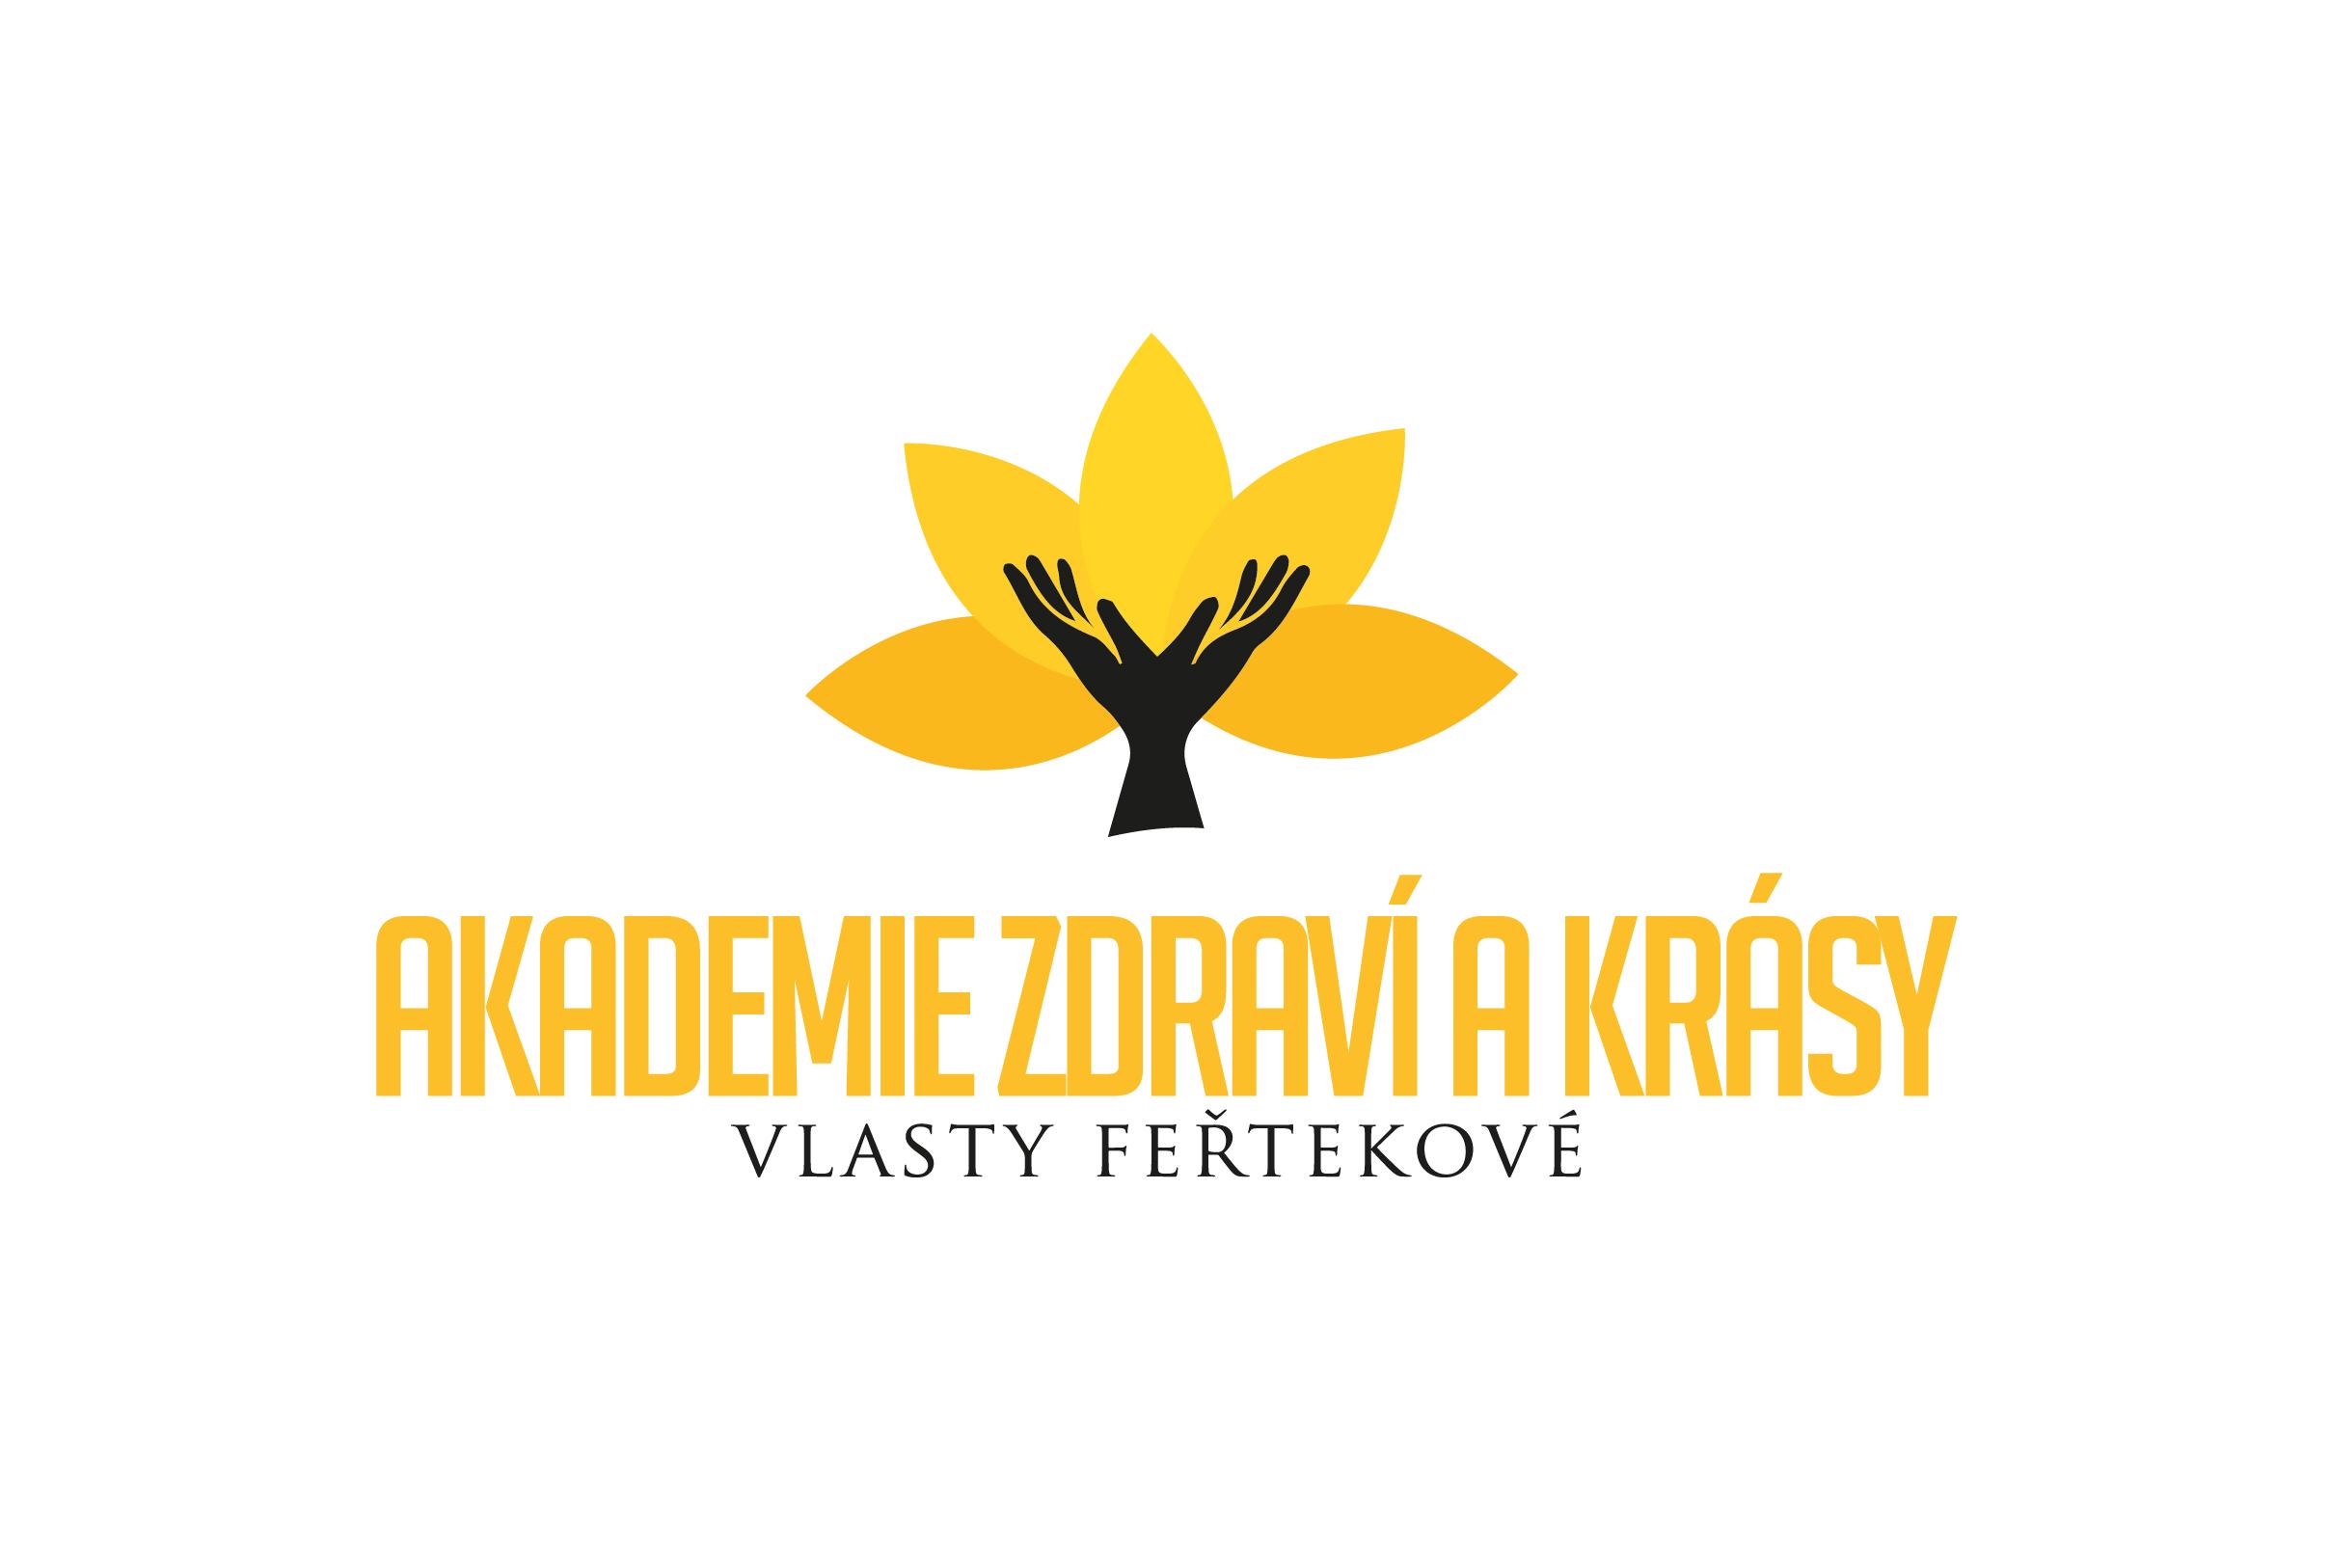 logo firmy Akademie zdraví a krásy Vlasty Feøtekové